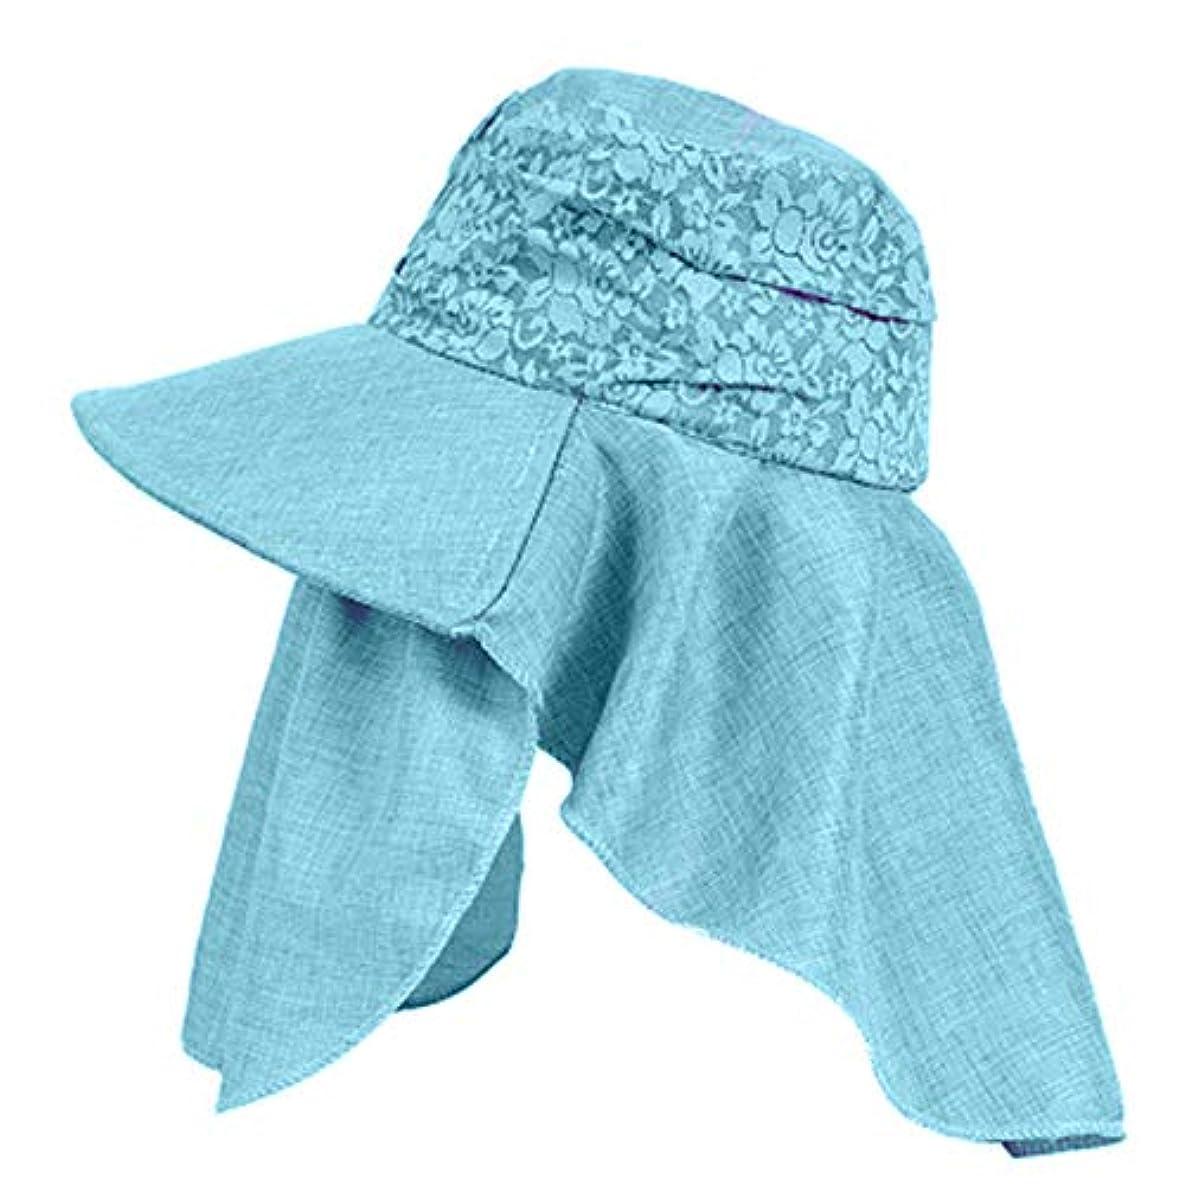 ショッキング好ましいロープMerssavo 女性の夏の日曜日の帽子、バイザーカバーの表面の反紫色のライン旅行日曜日の帽子、ガーデニング、ハイキング、旅行、1#